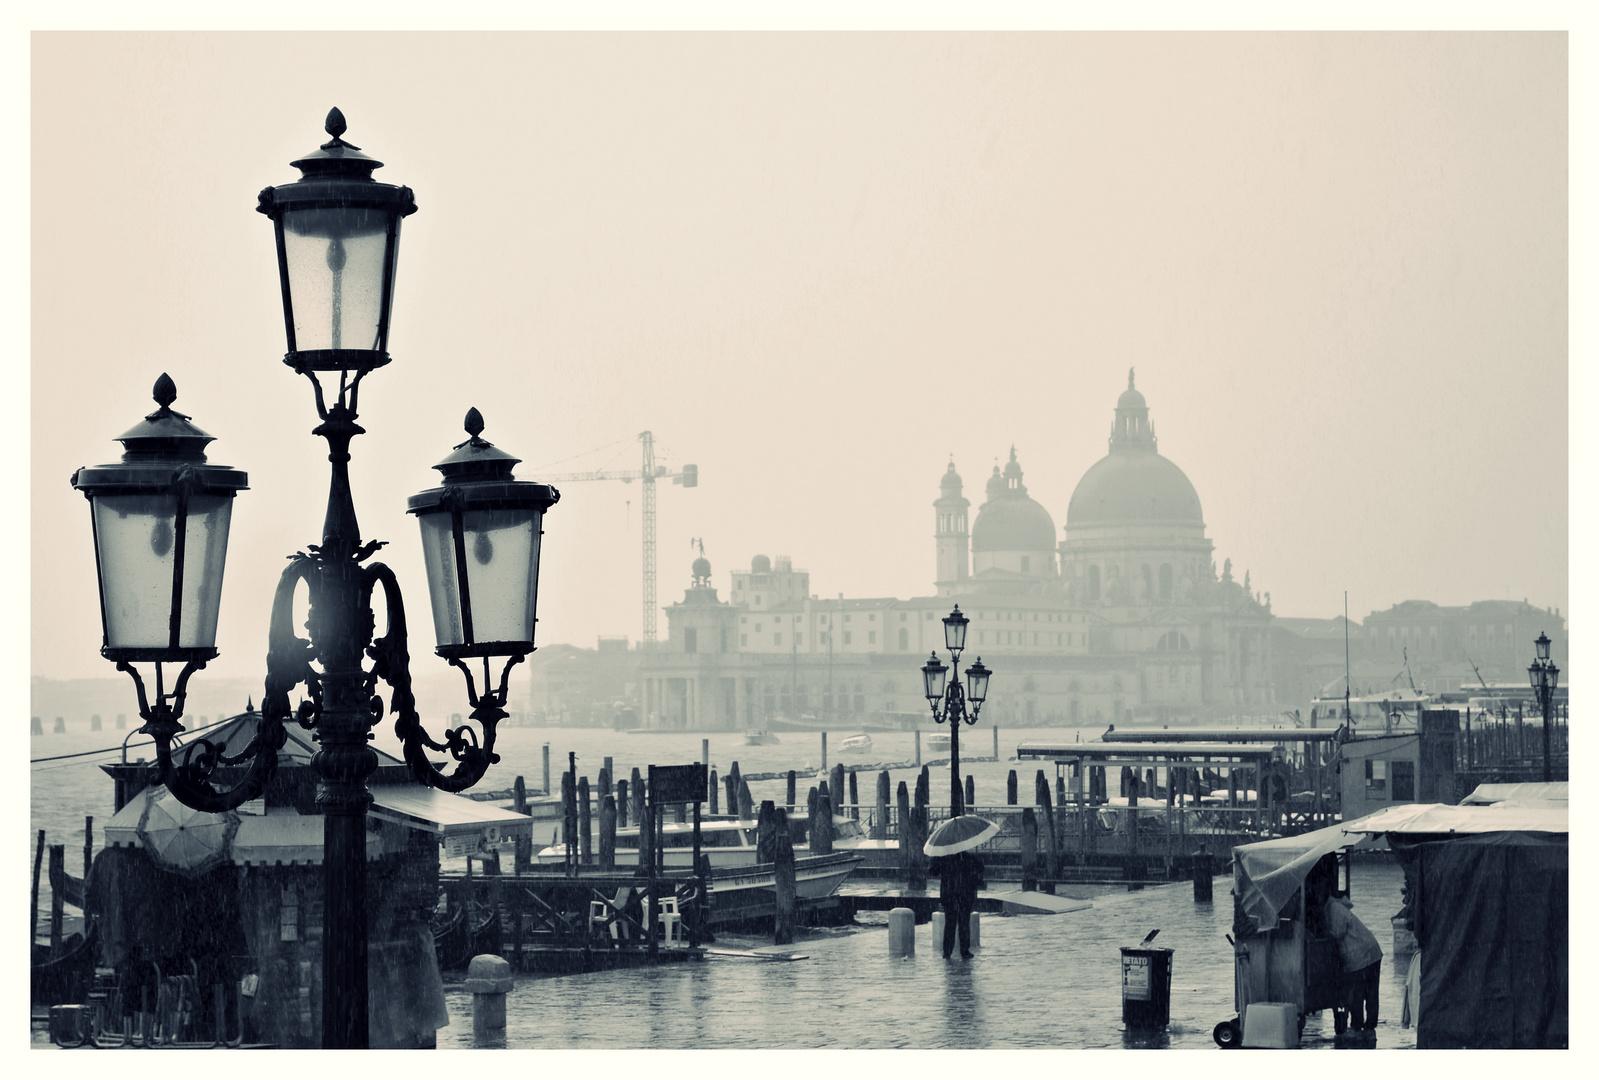 o Venedig, und wär's nur für einen. Einzigen Tag